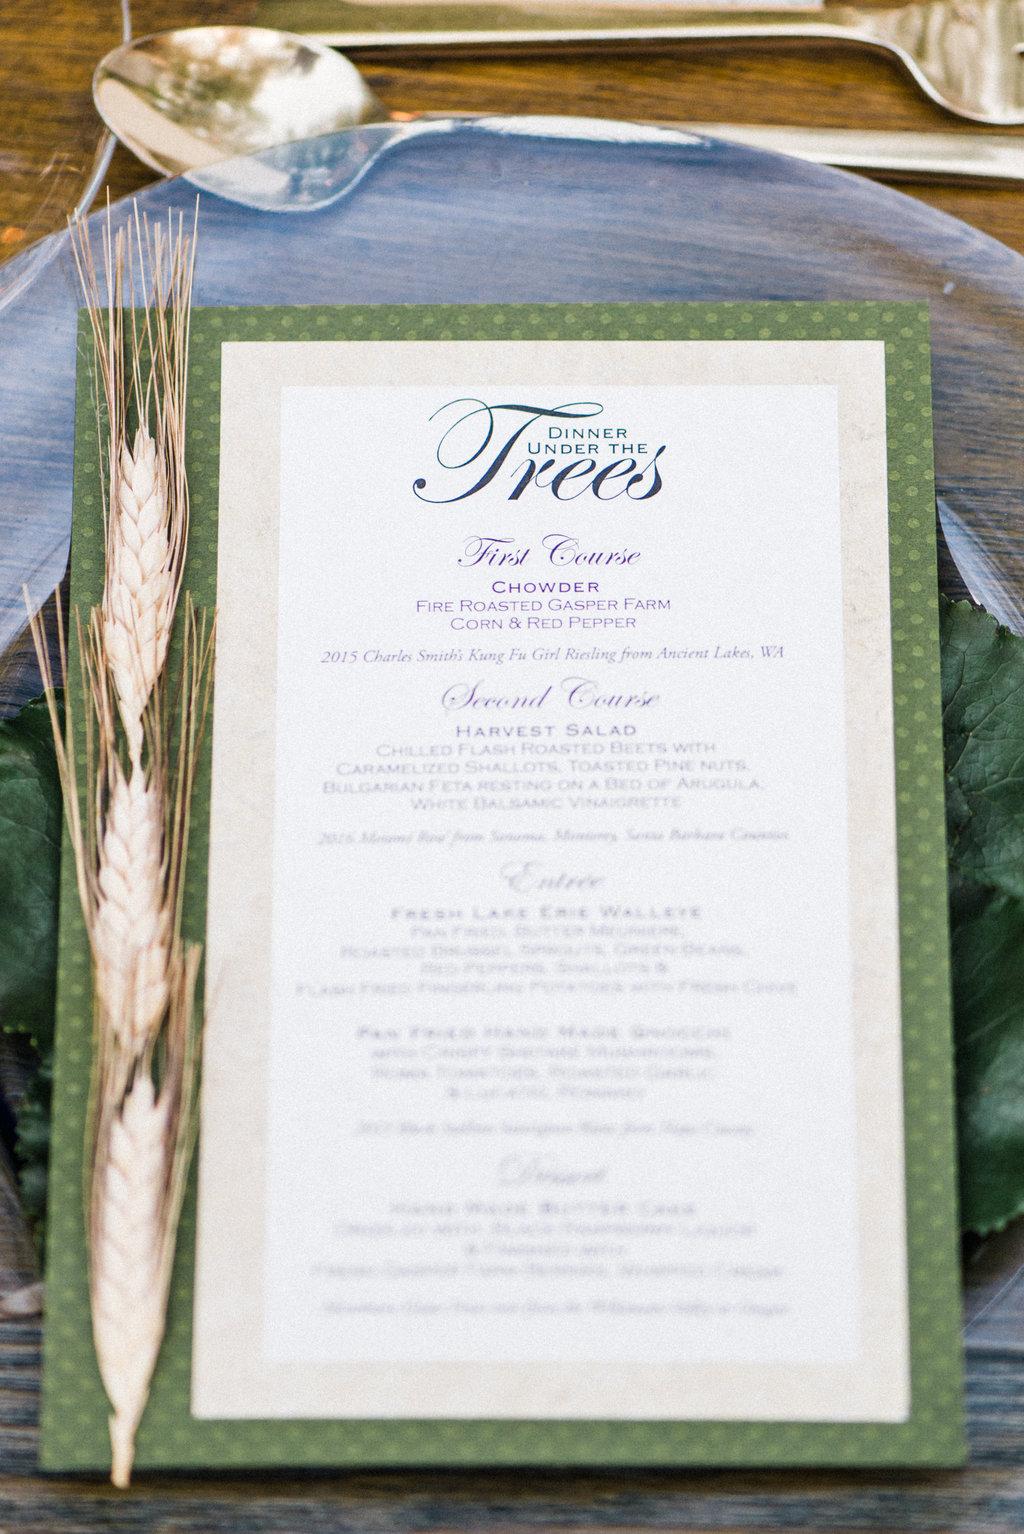 DinnerUndertheTrees-11